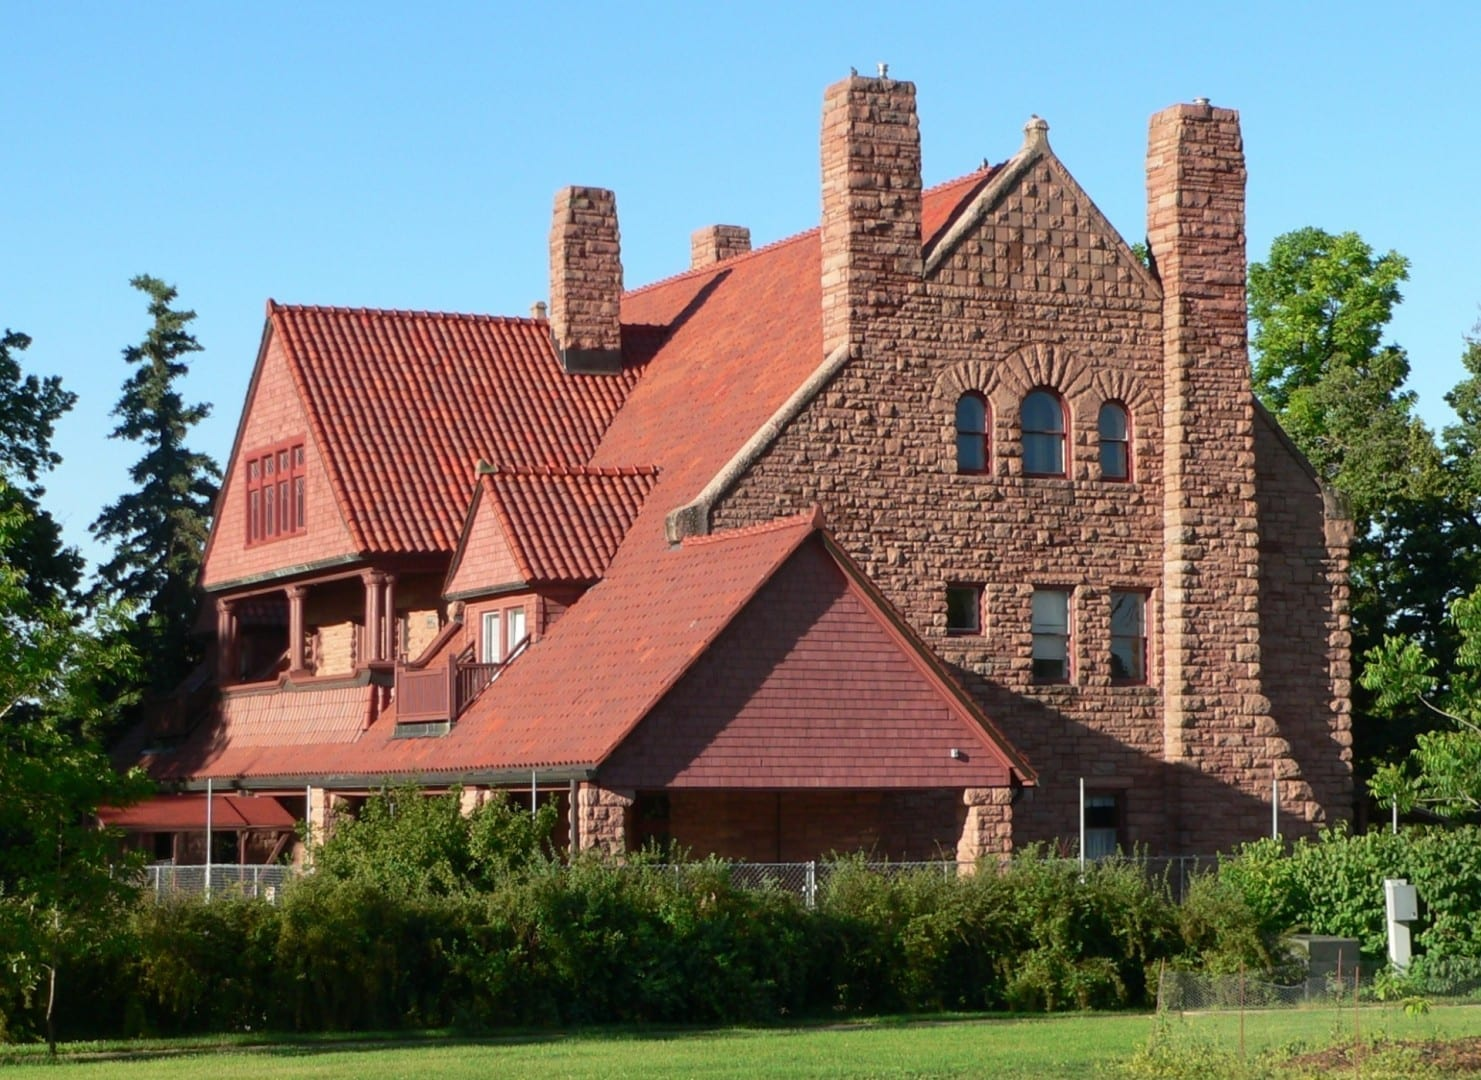 George W. Frank House, en el campus de la Universidad de Nebraska en Kearney Kearney NE Estados Unidos